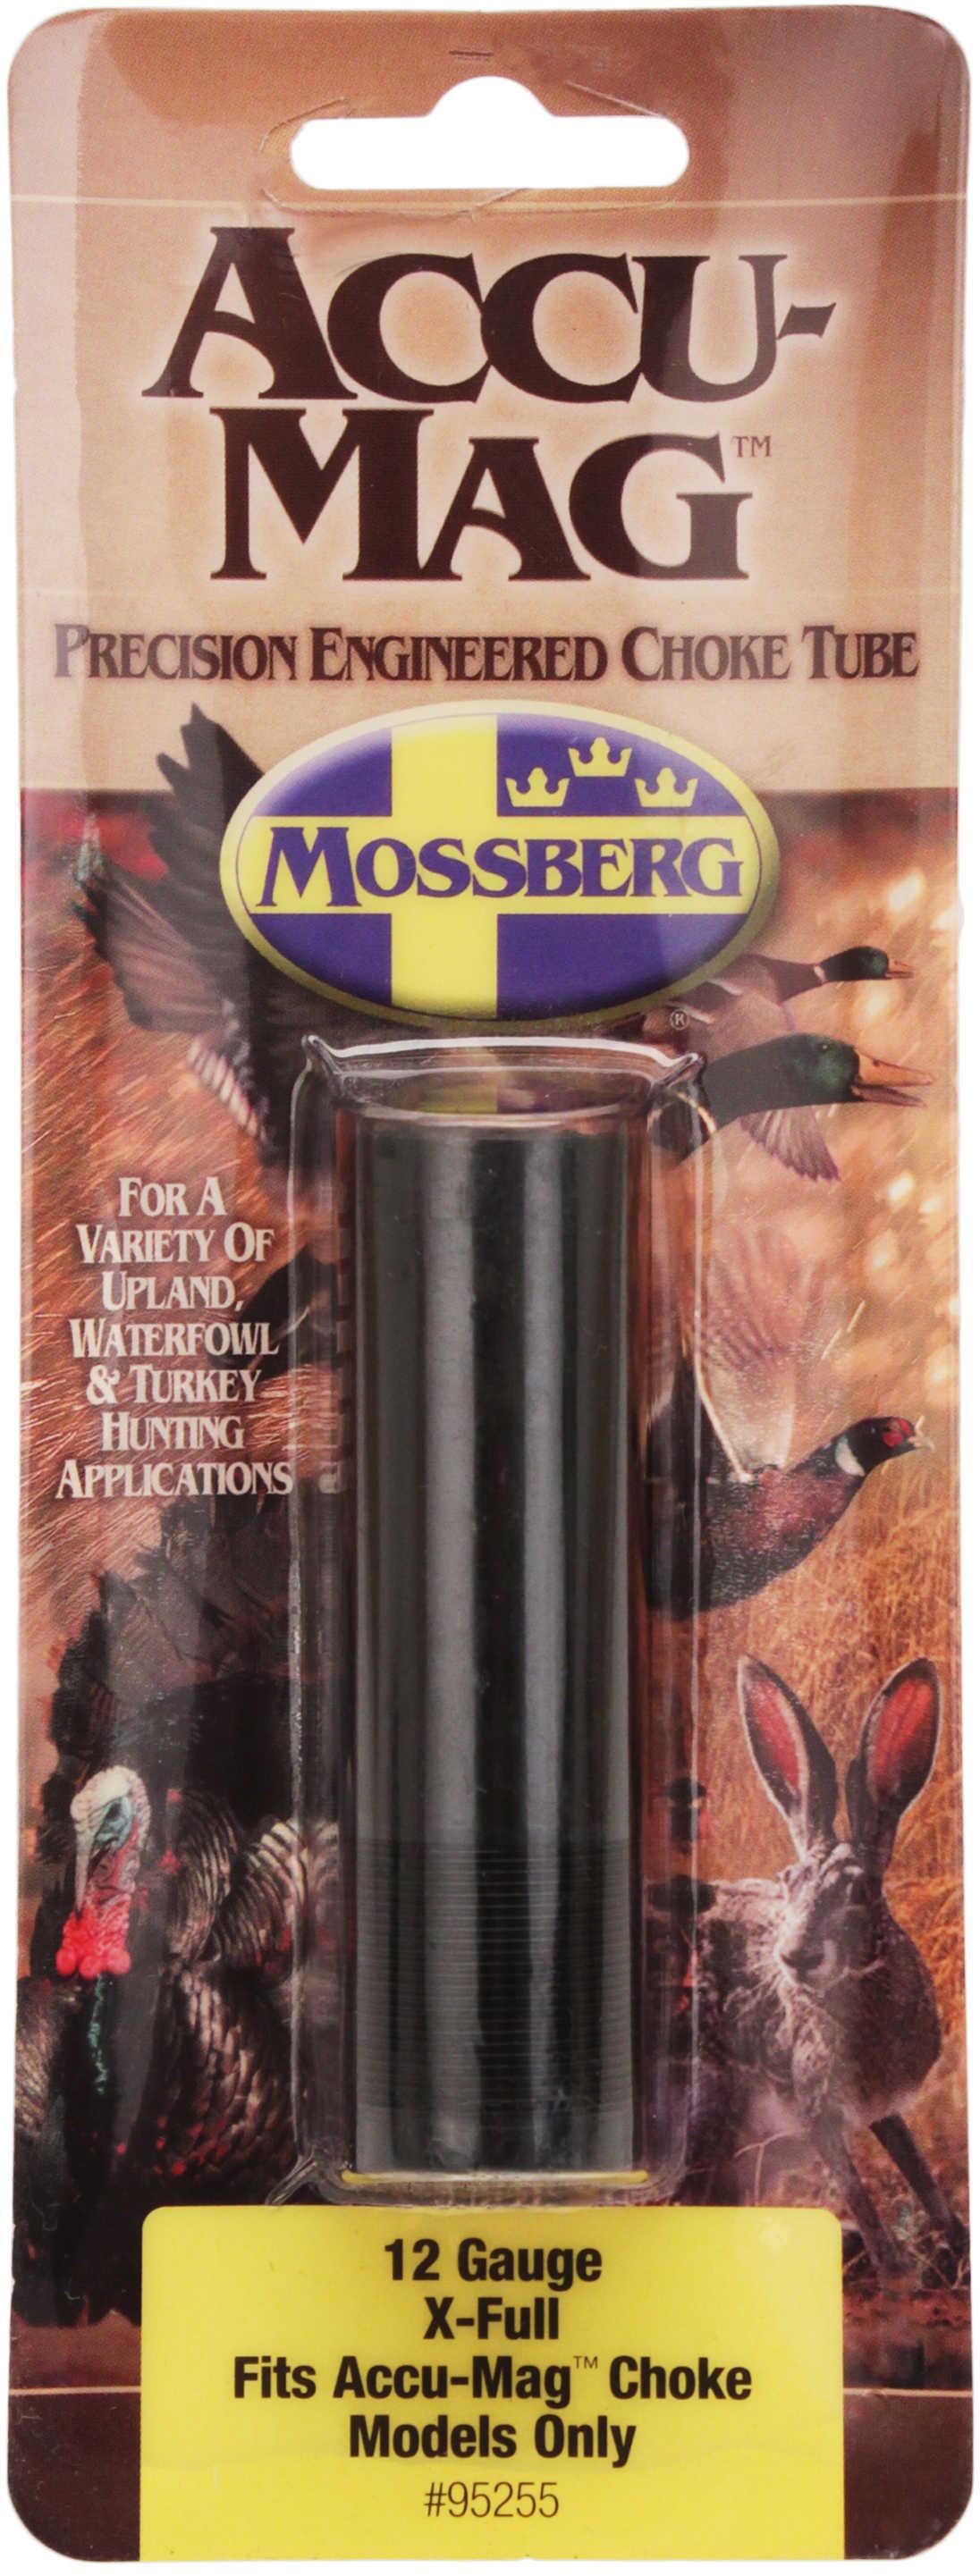 Mossberg Accu-Mag Choke Tube 12 Gauge, X-Full Md: 95255